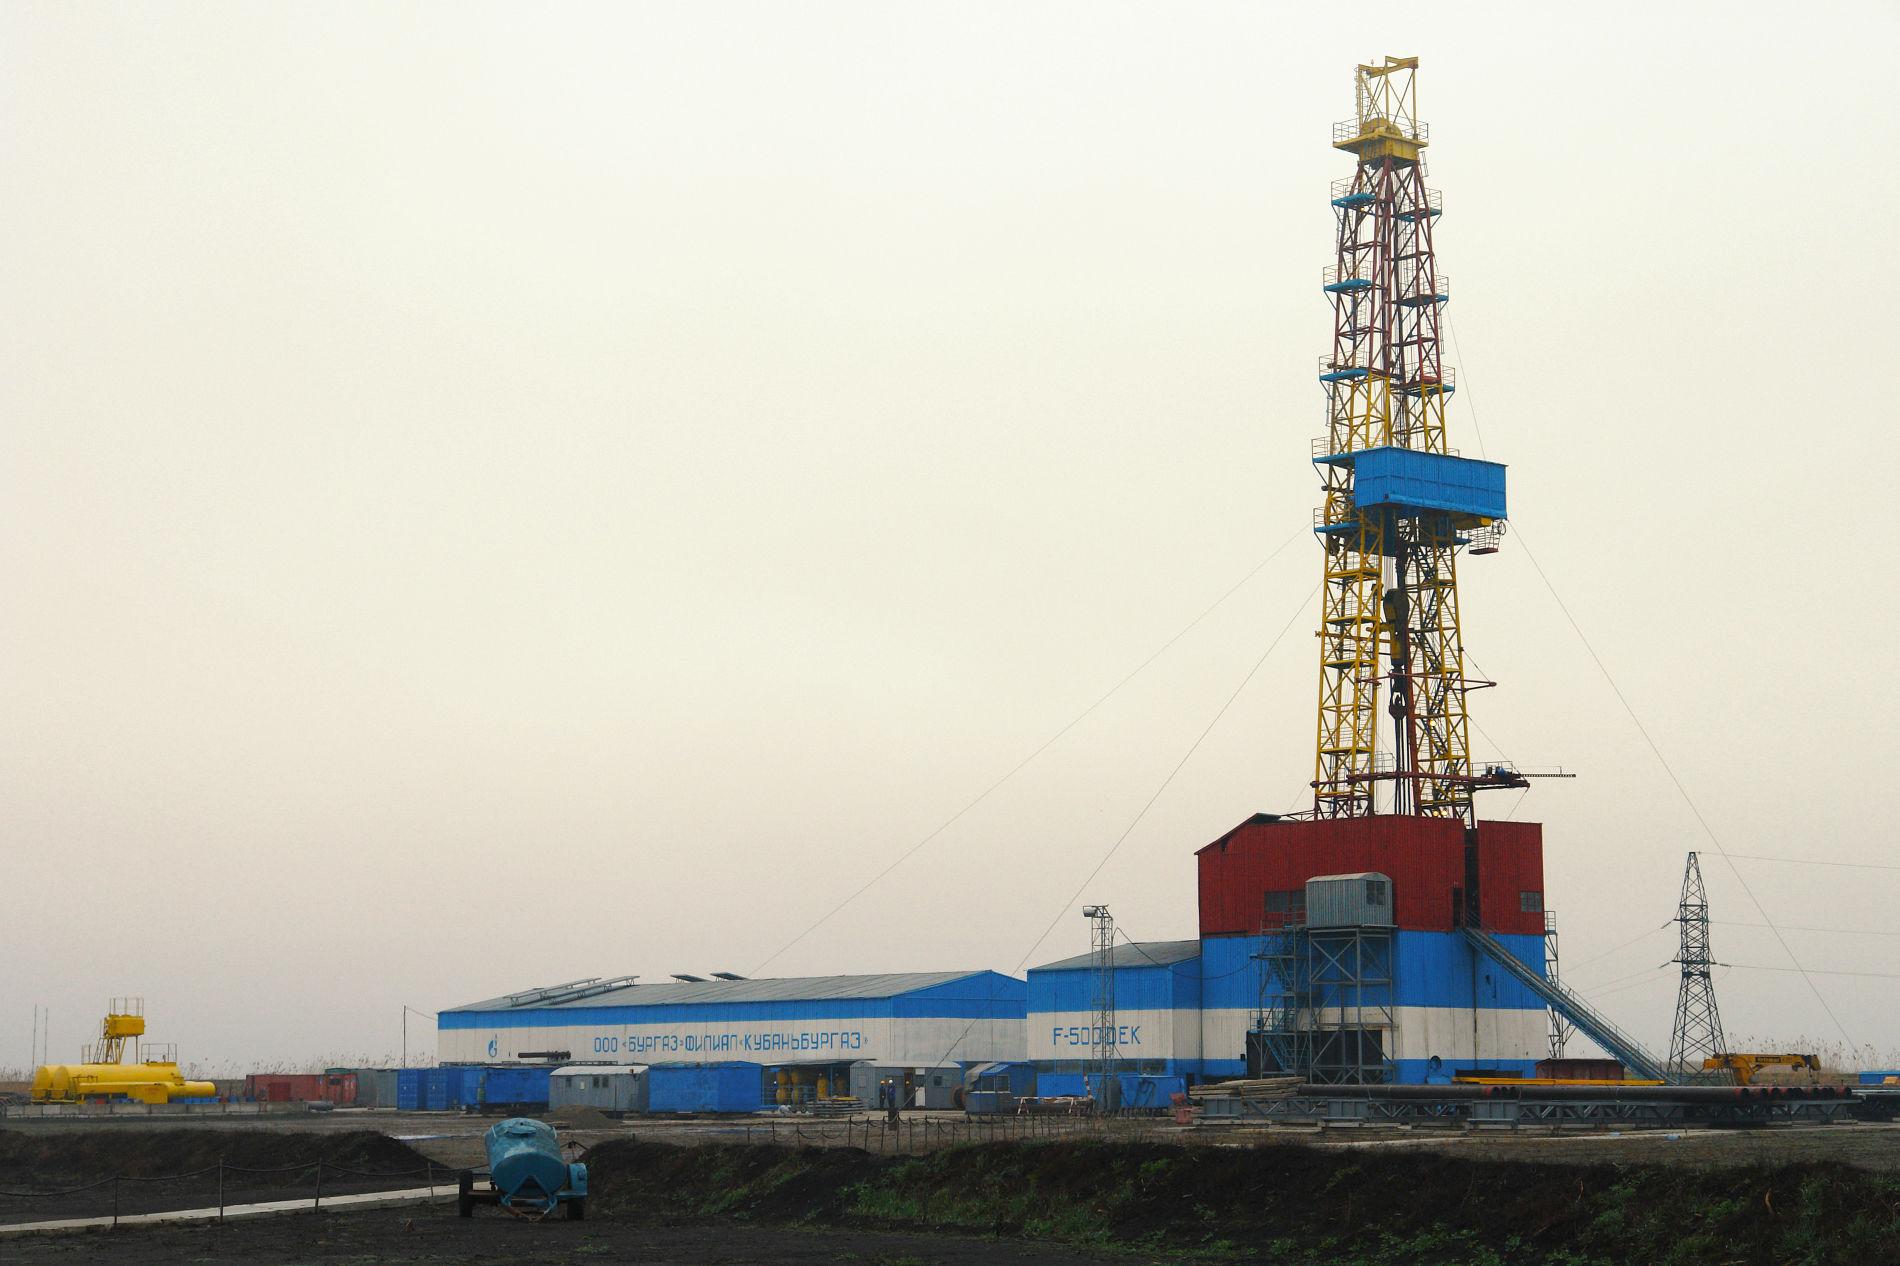 Буровая установка на Крупской площади ©Изображение предоставлено пресс-службой ООО «Газпром добыча Краснодар»